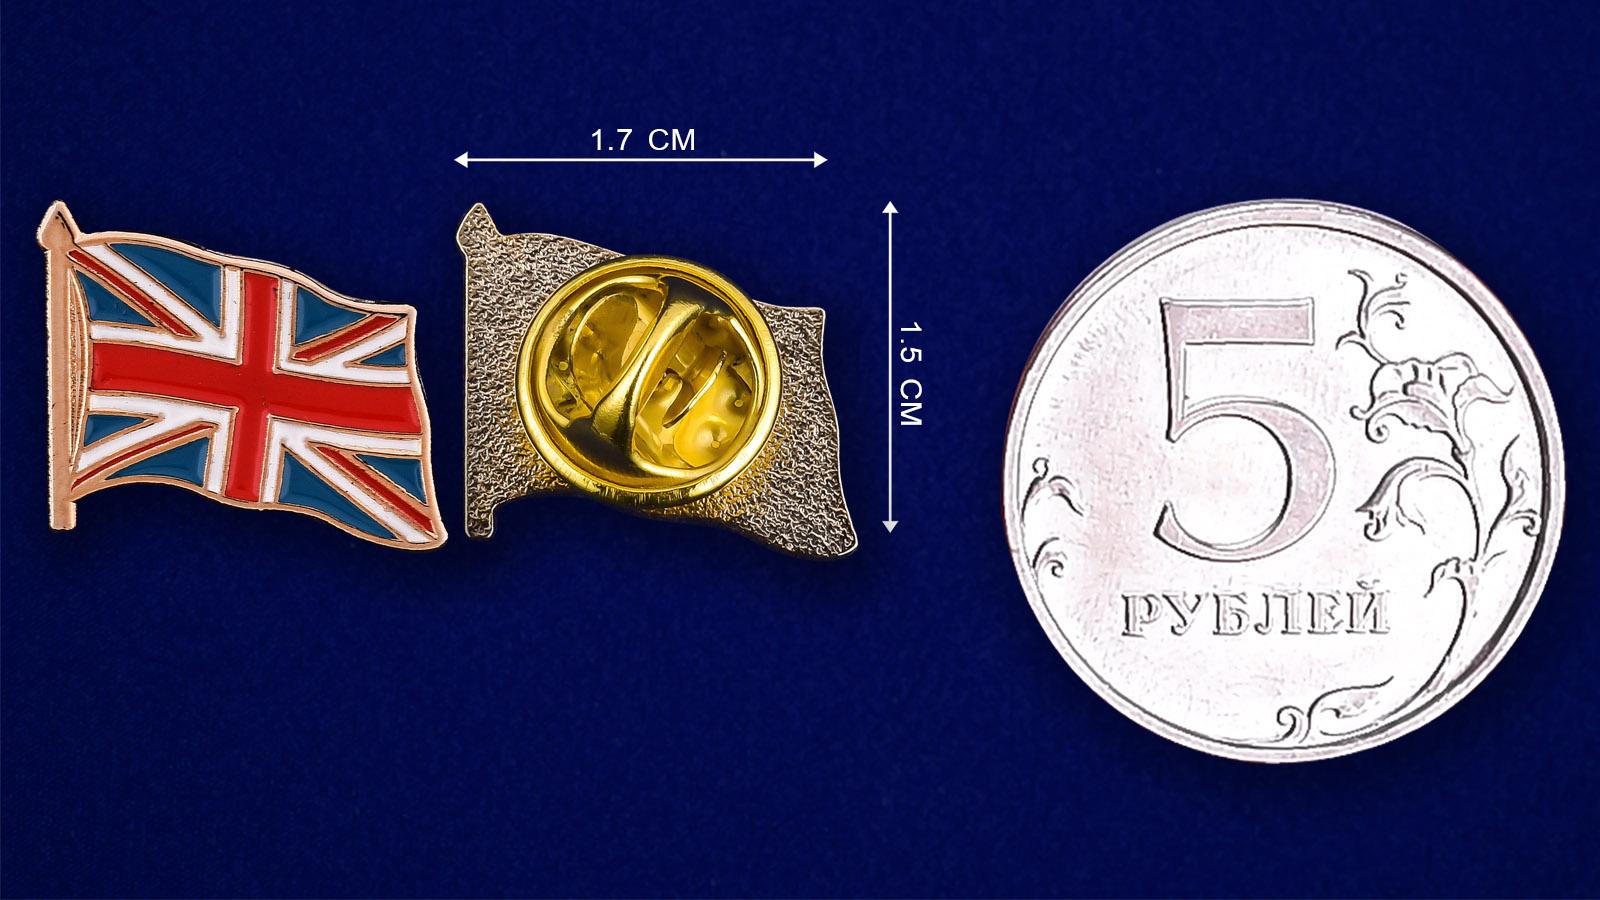 Значок Великобритания - сравнительный размер